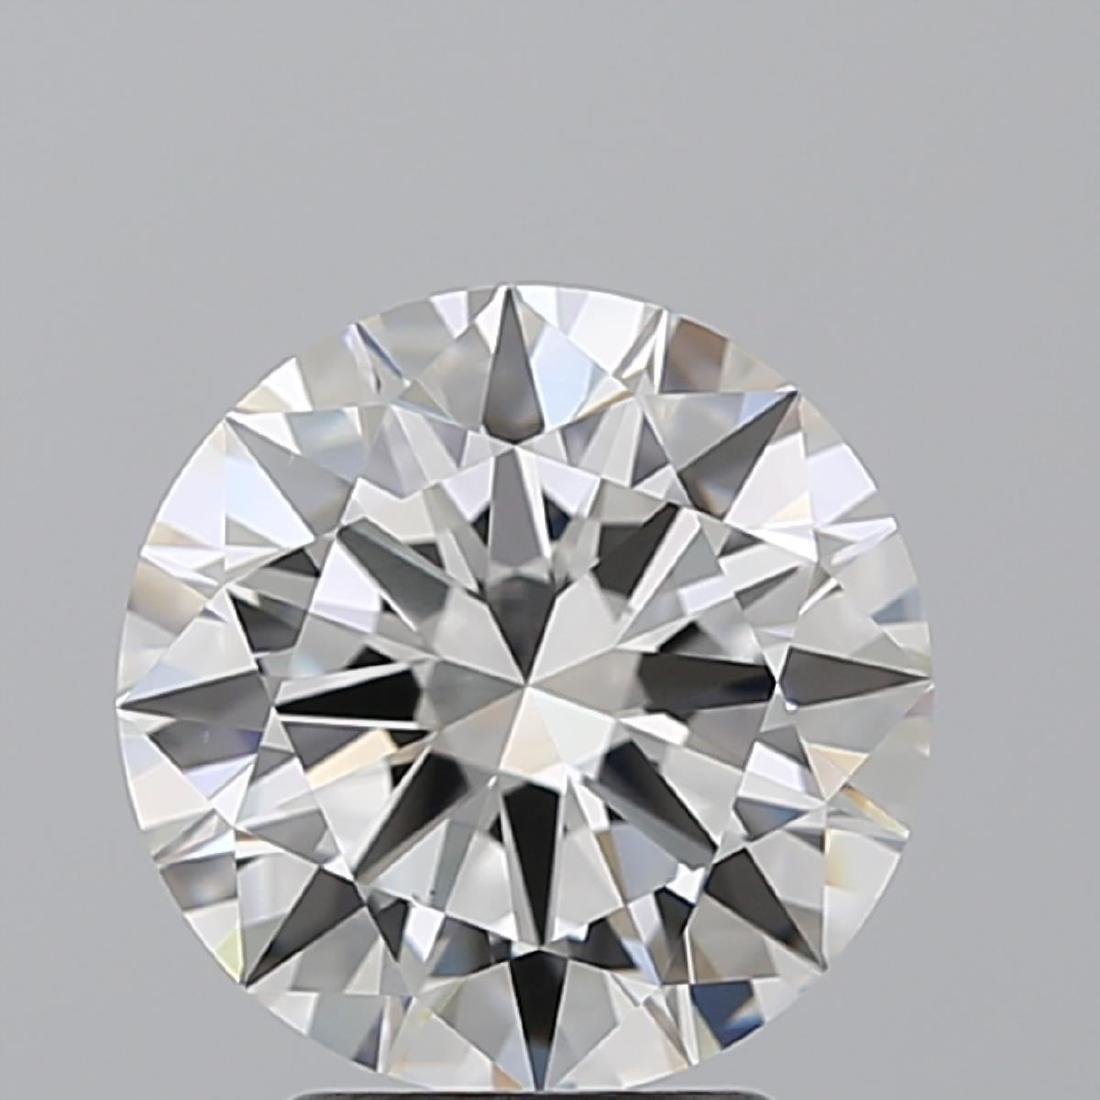 3.01 ct, Color G/VS1, Round cut Diamond - 2